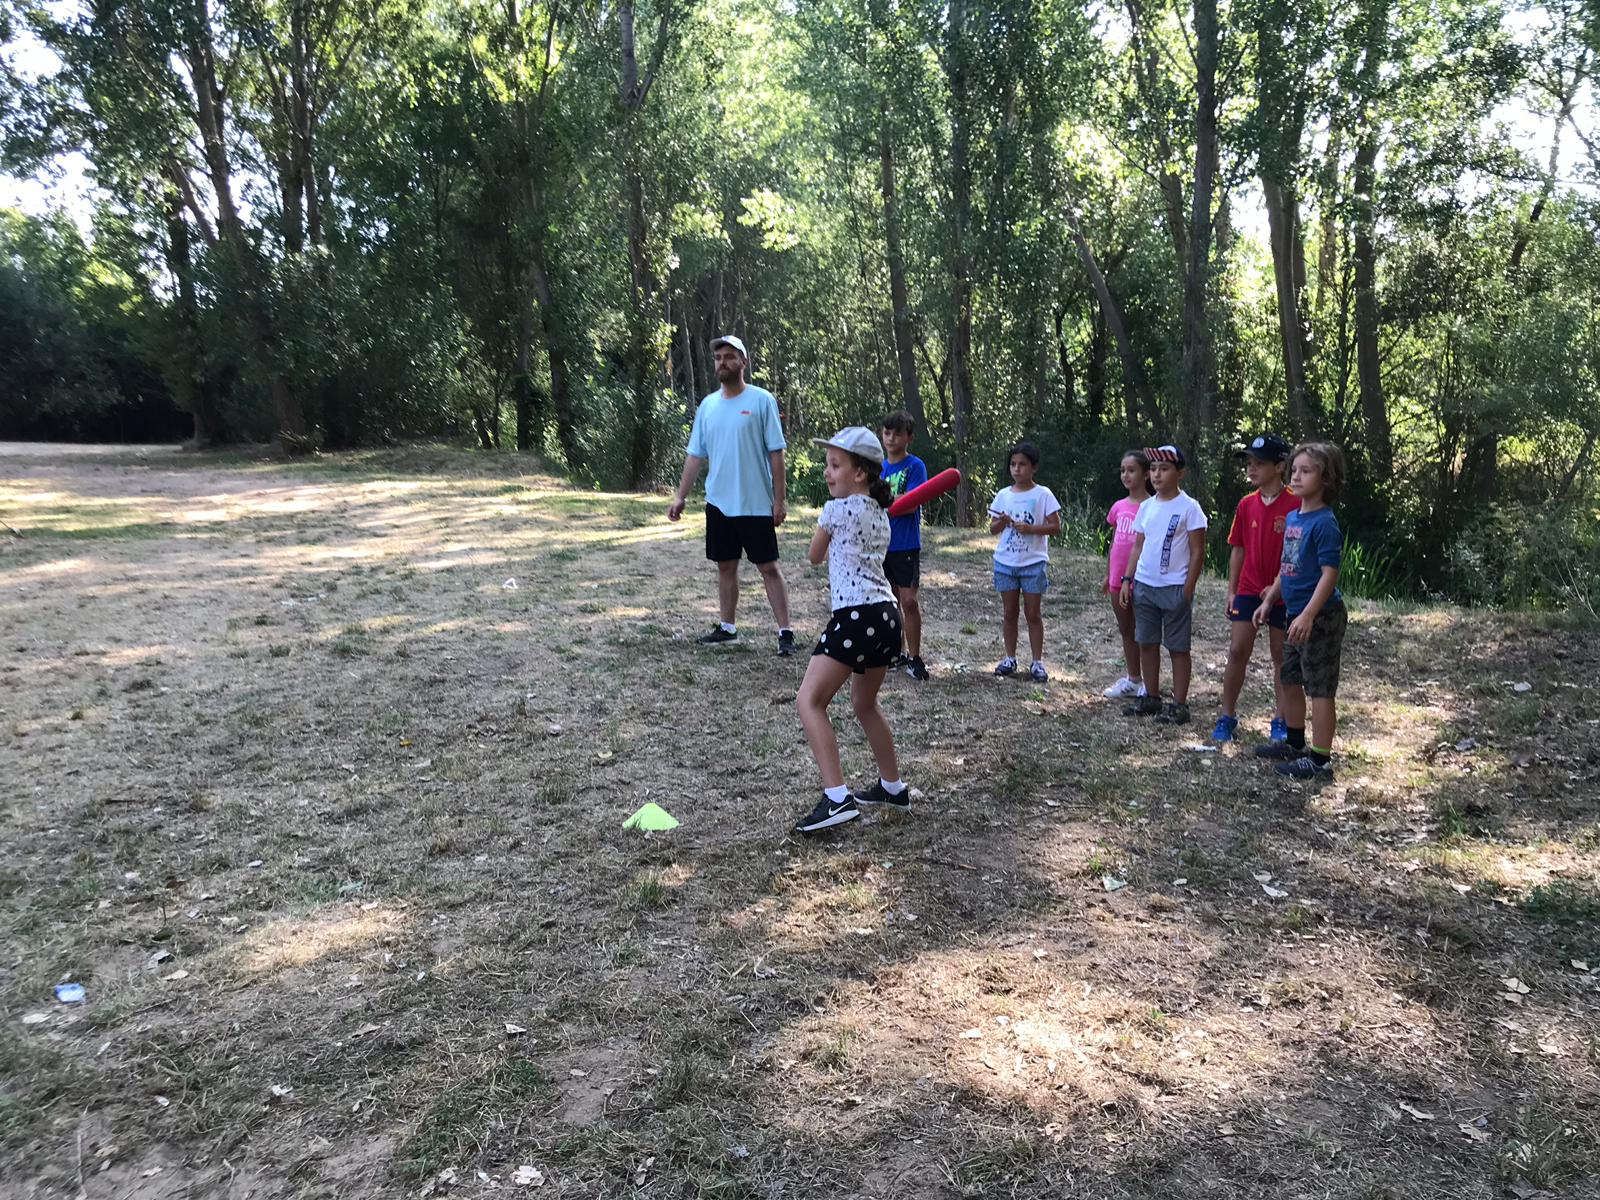 Deportes y juegos. Campamento de verano en julio.